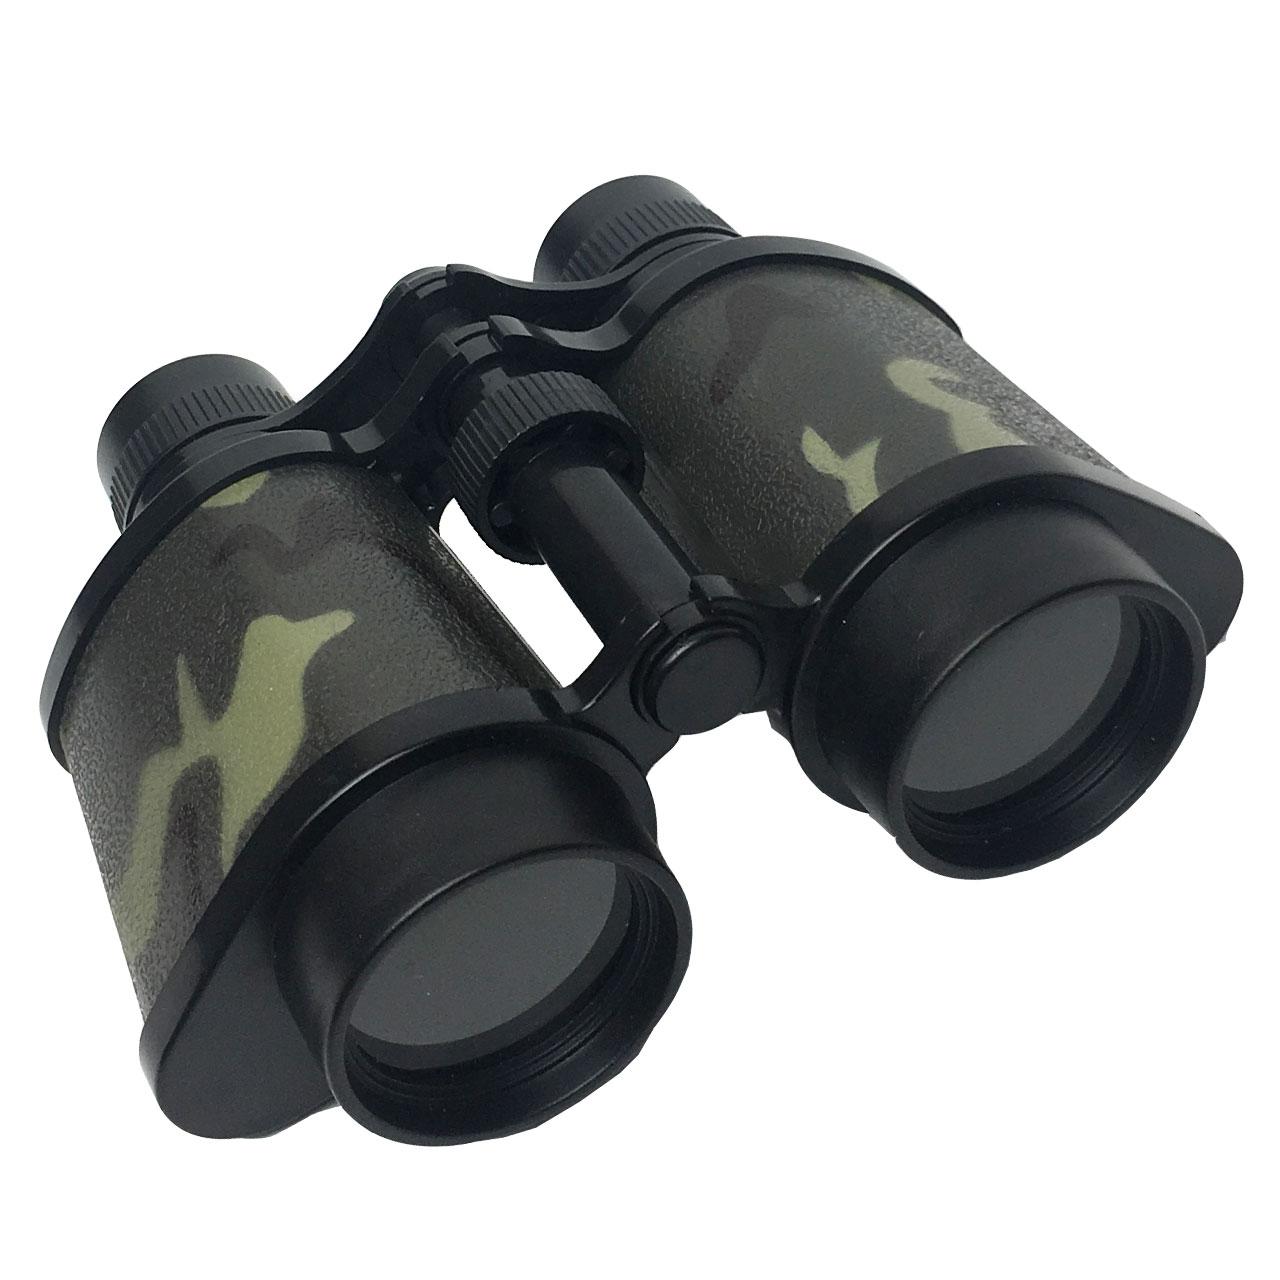 خرید                     دوربین شکاری اسباب بازی مدل Binocular